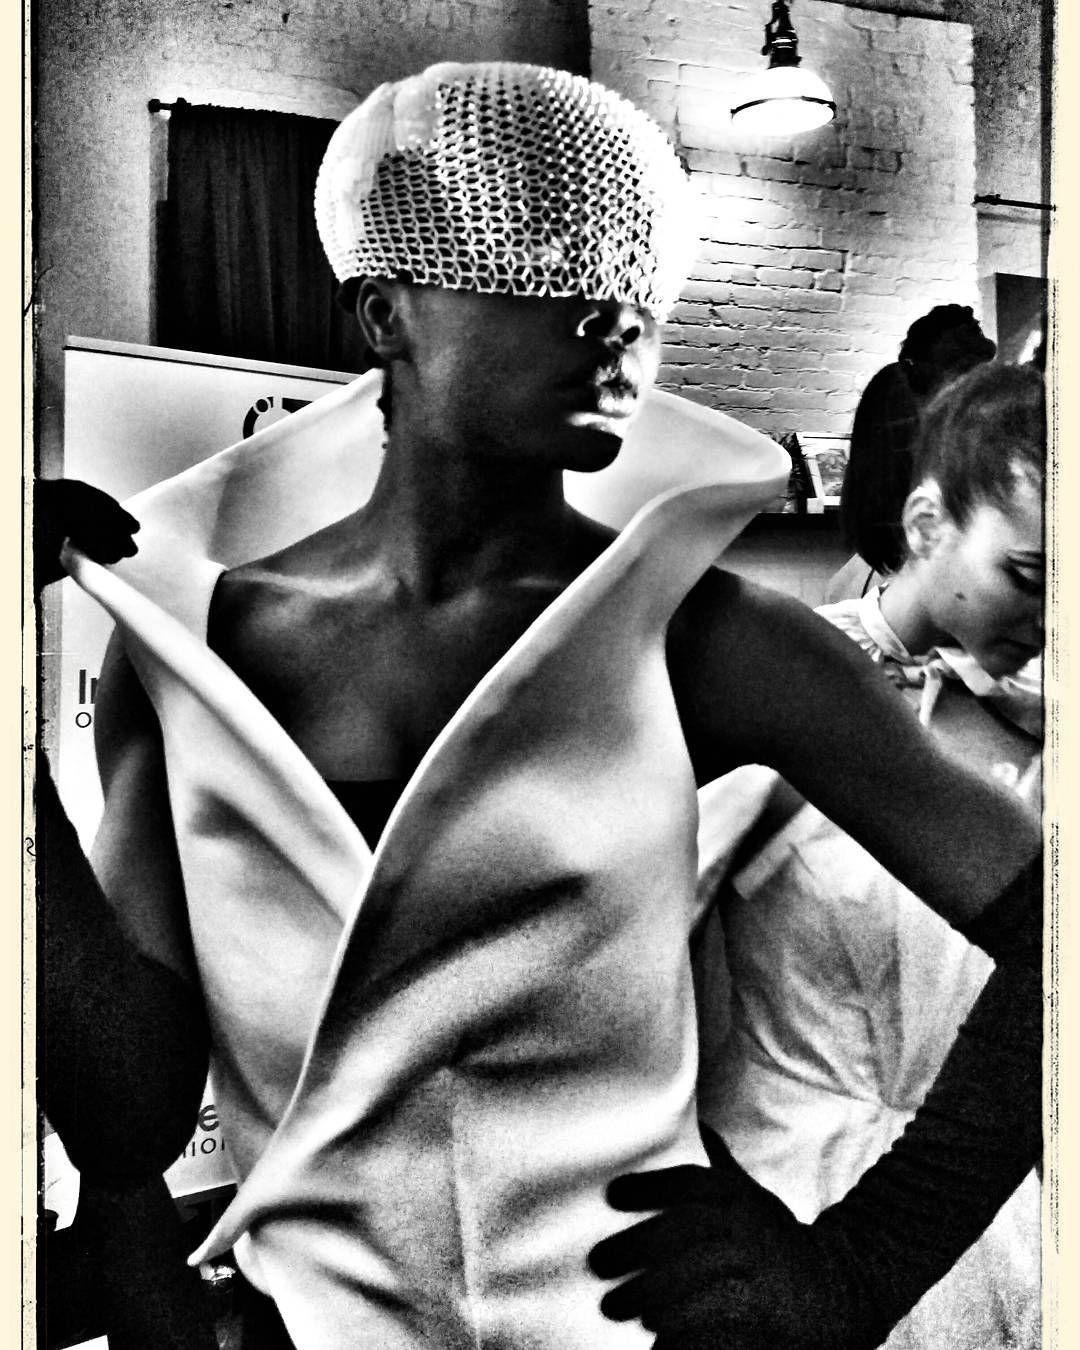 #3dfashion #3dprinting #editorialfashion #editorialphotography#blackmodels #blacknwhitephotography #model#photooftheday #igersbrooklyn #phonography #photographer #brooklynbaadgirl # by brooklynbaadgirl